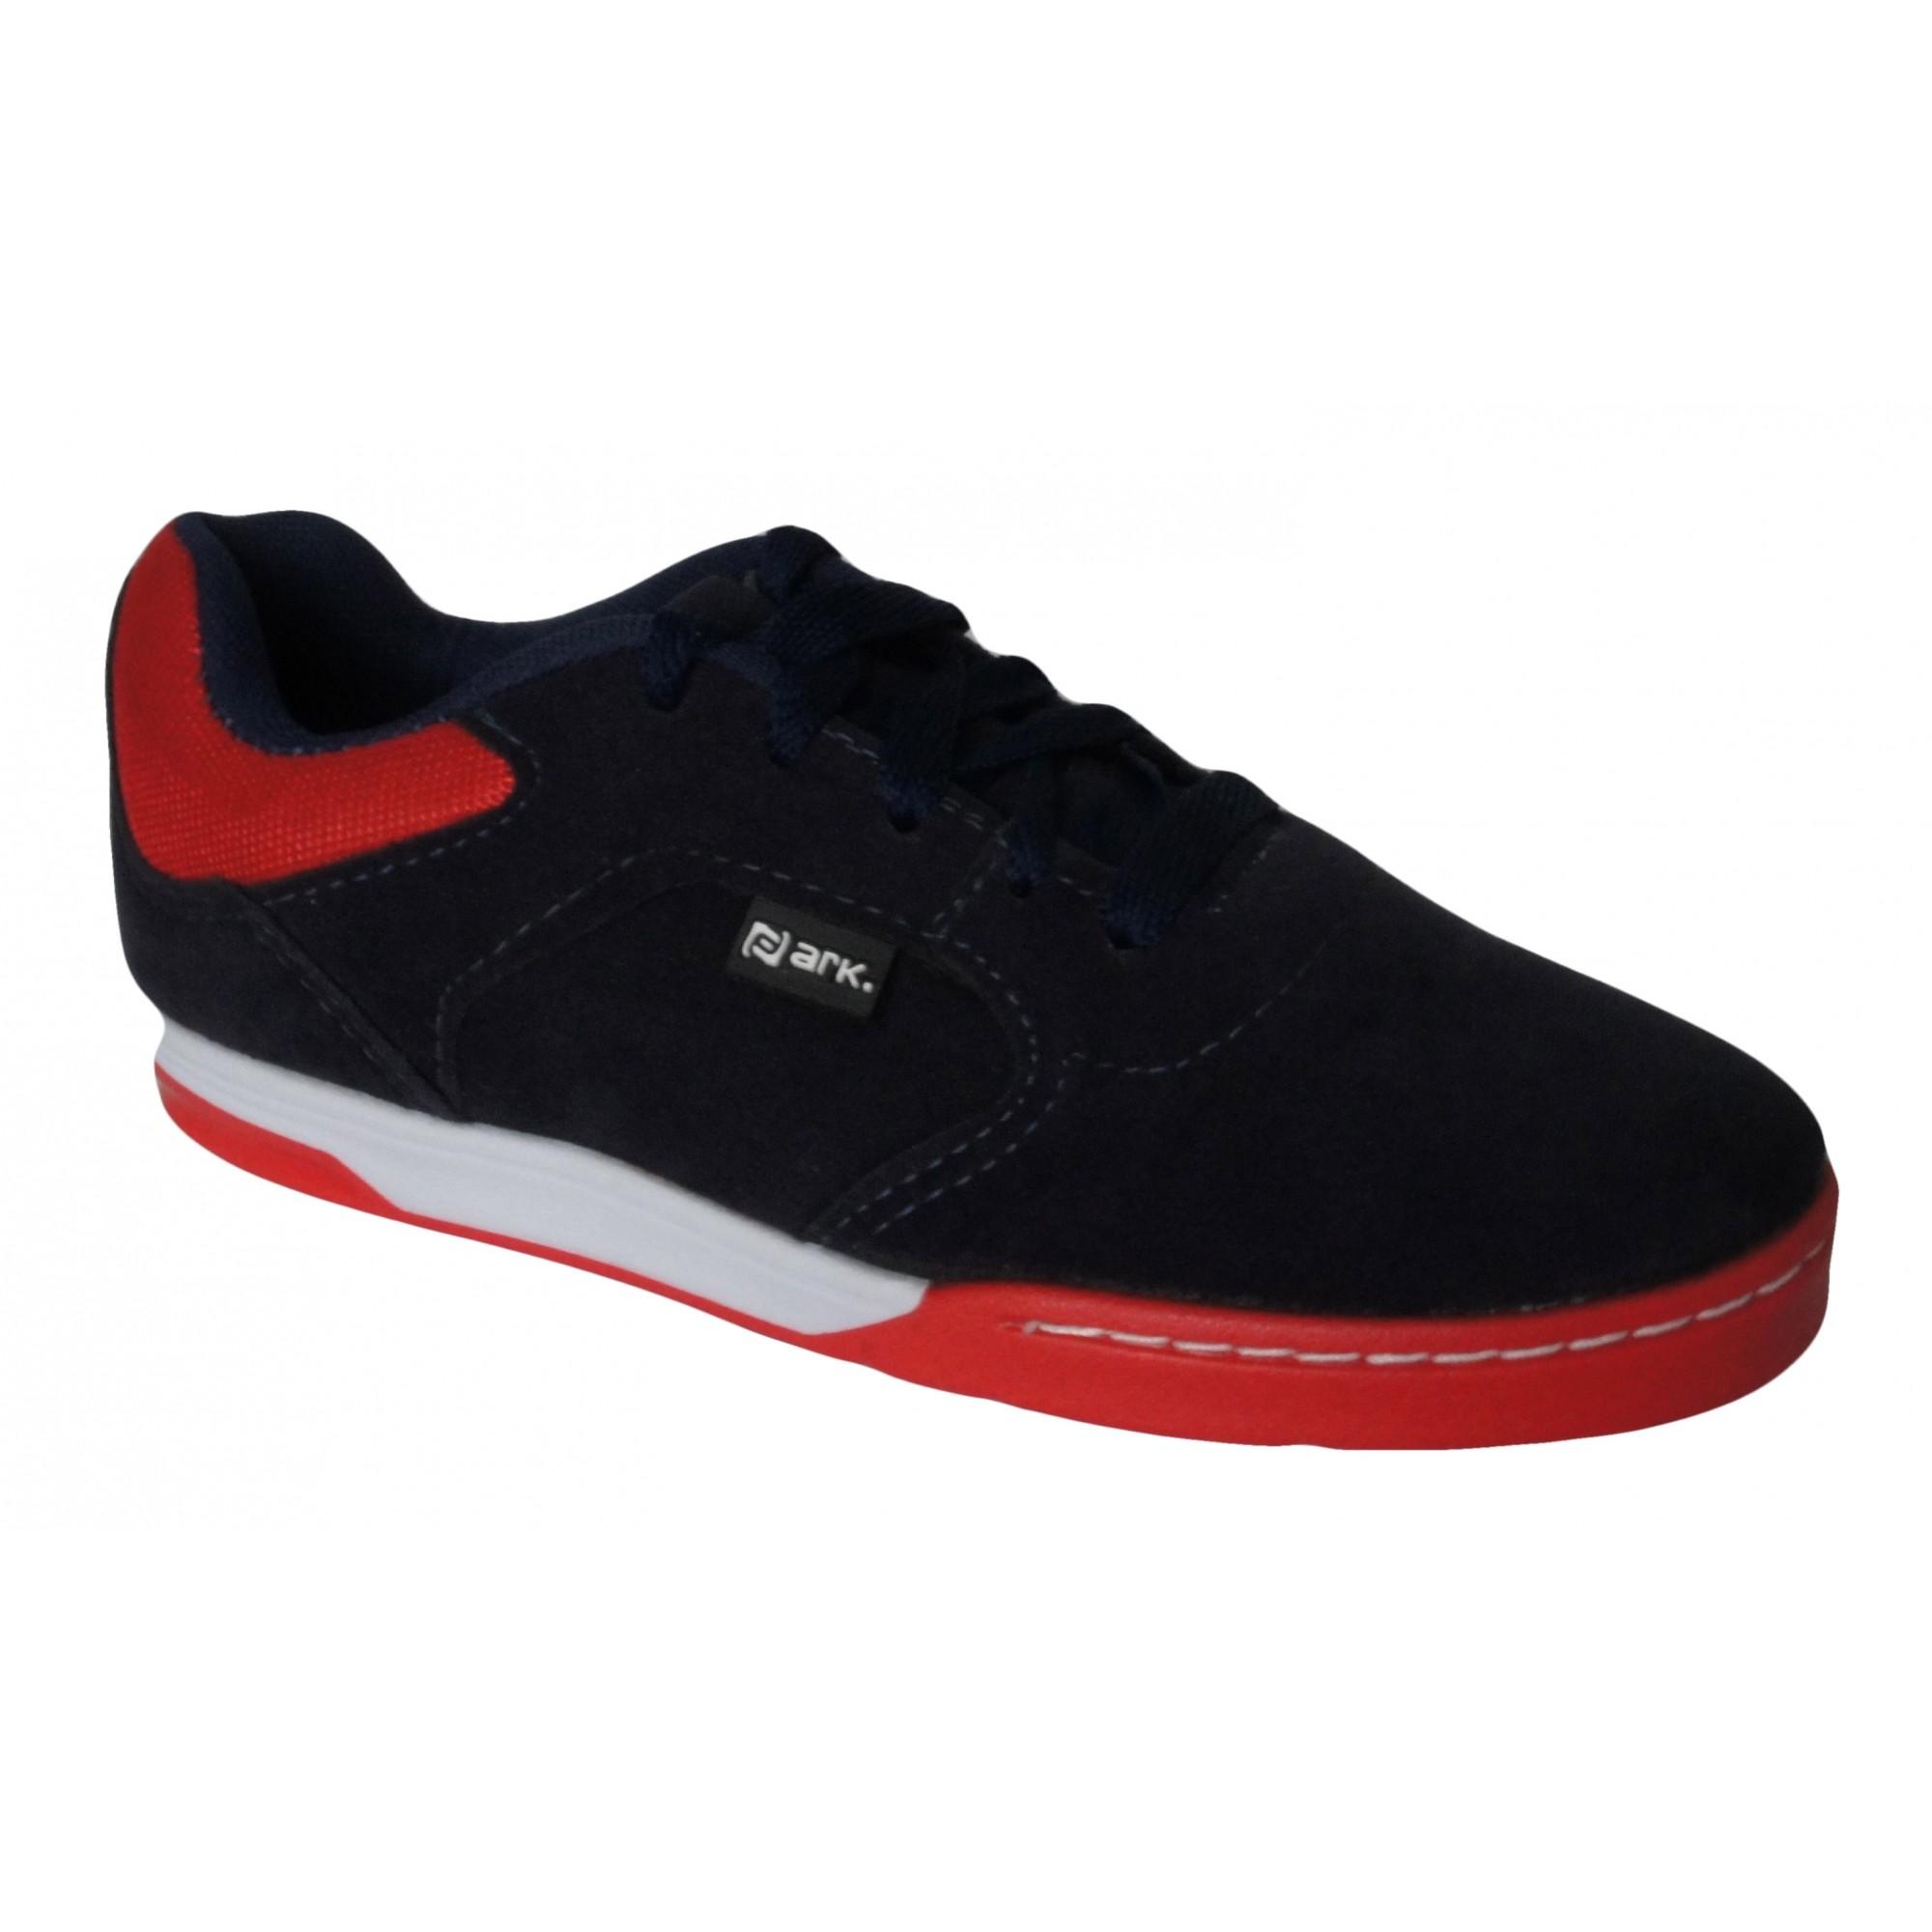 8986476f2 Tenis Ark Esqueitista Infantil - P2502C - Celeste Calçados